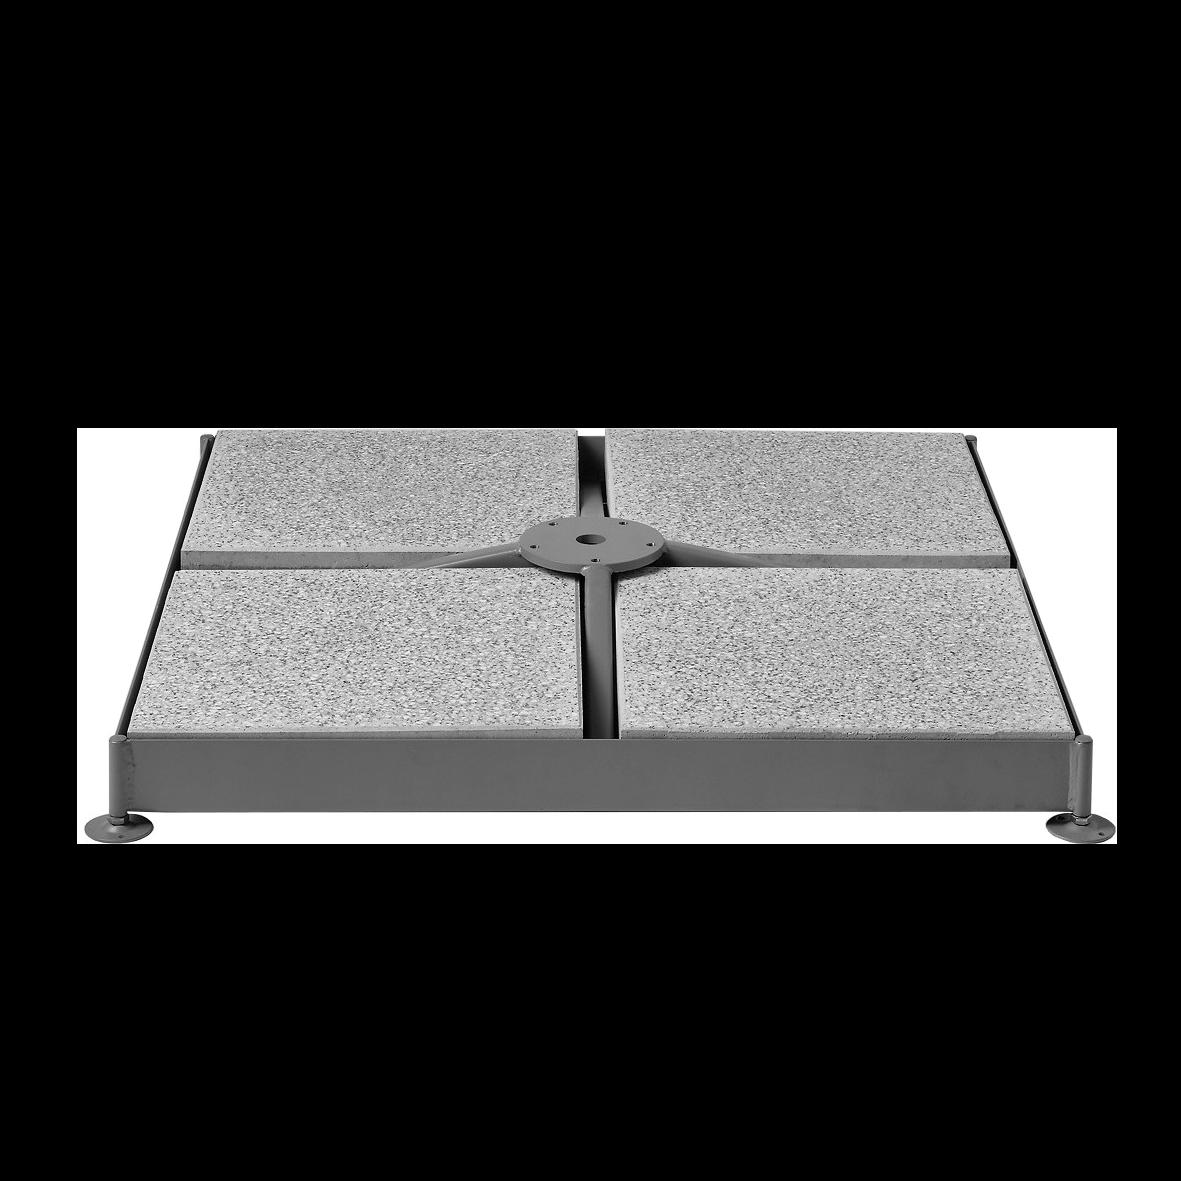 socle m4 120 kg la maison du parasol. Black Bedroom Furniture Sets. Home Design Ideas